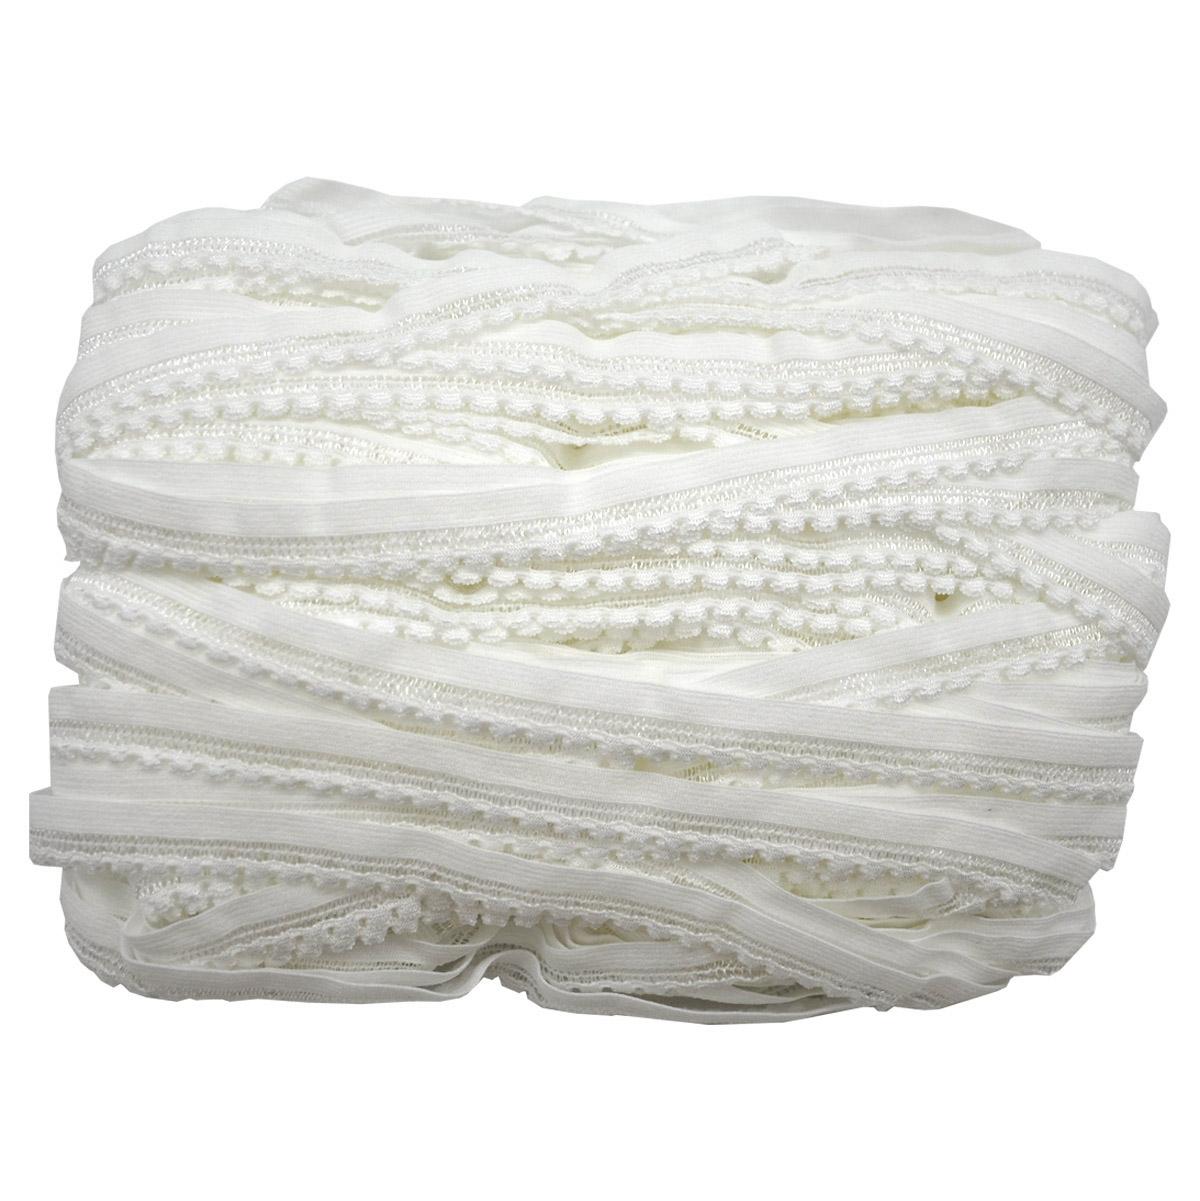 ST/08 эластичная ажурная лента 10мм*50м, белый